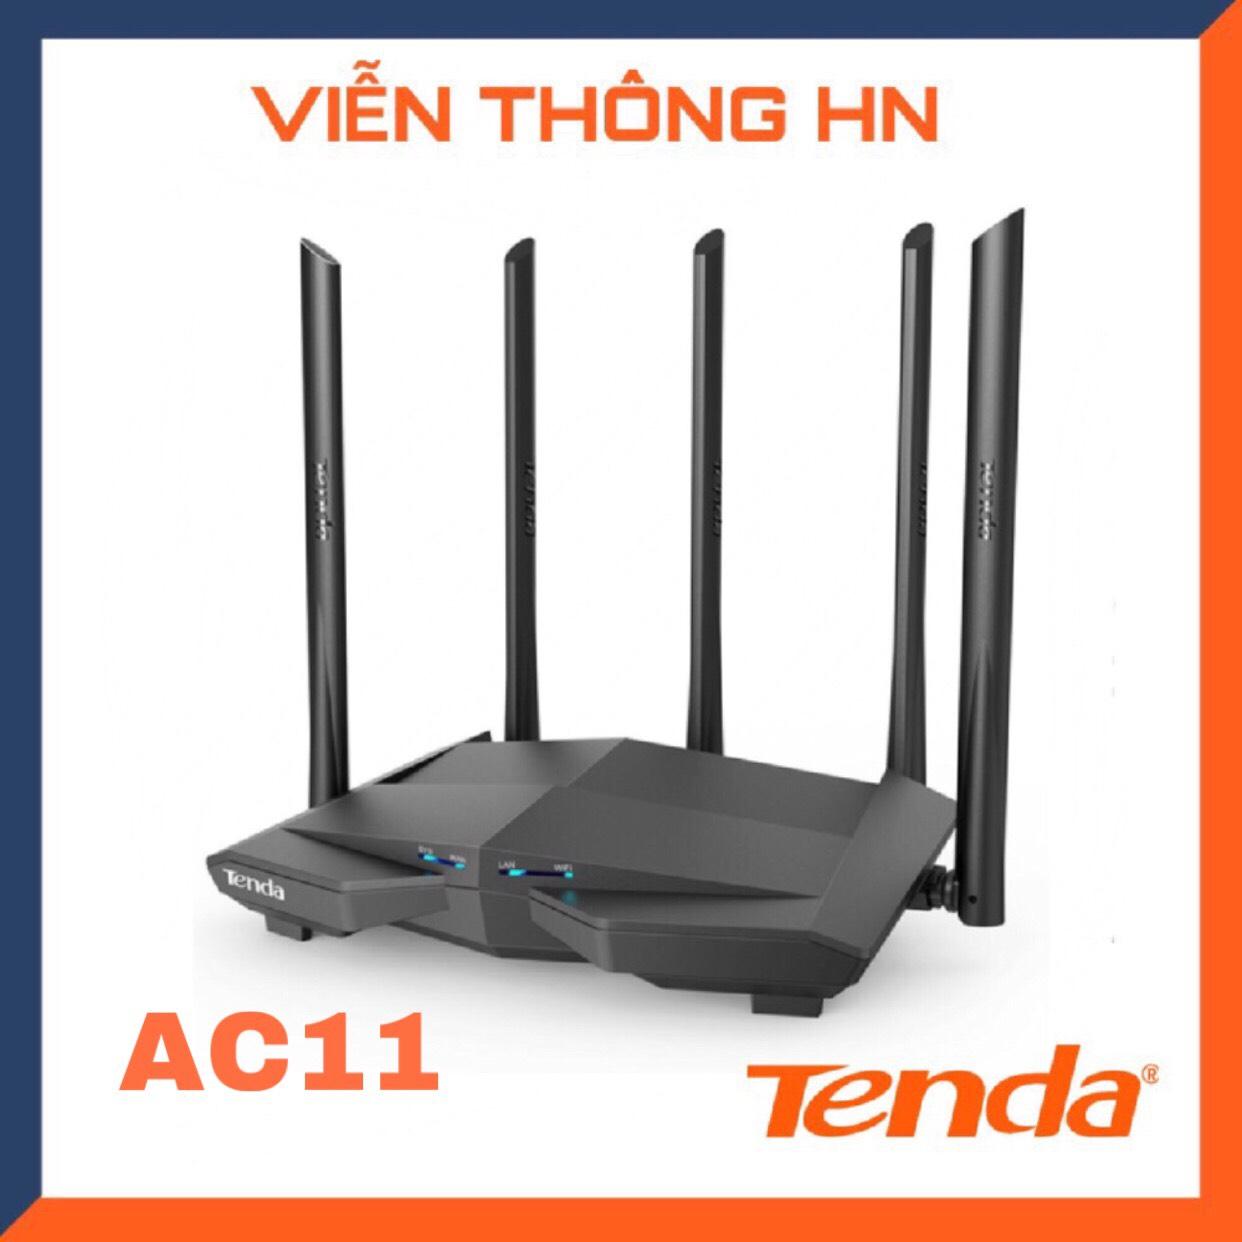 Bộ phát wifi tenda ac11 ac 1200 mp anten 6dbi/cpu 1GHz/ram 128 DDR3 phiên bản nâng cấp của tenda ac10...